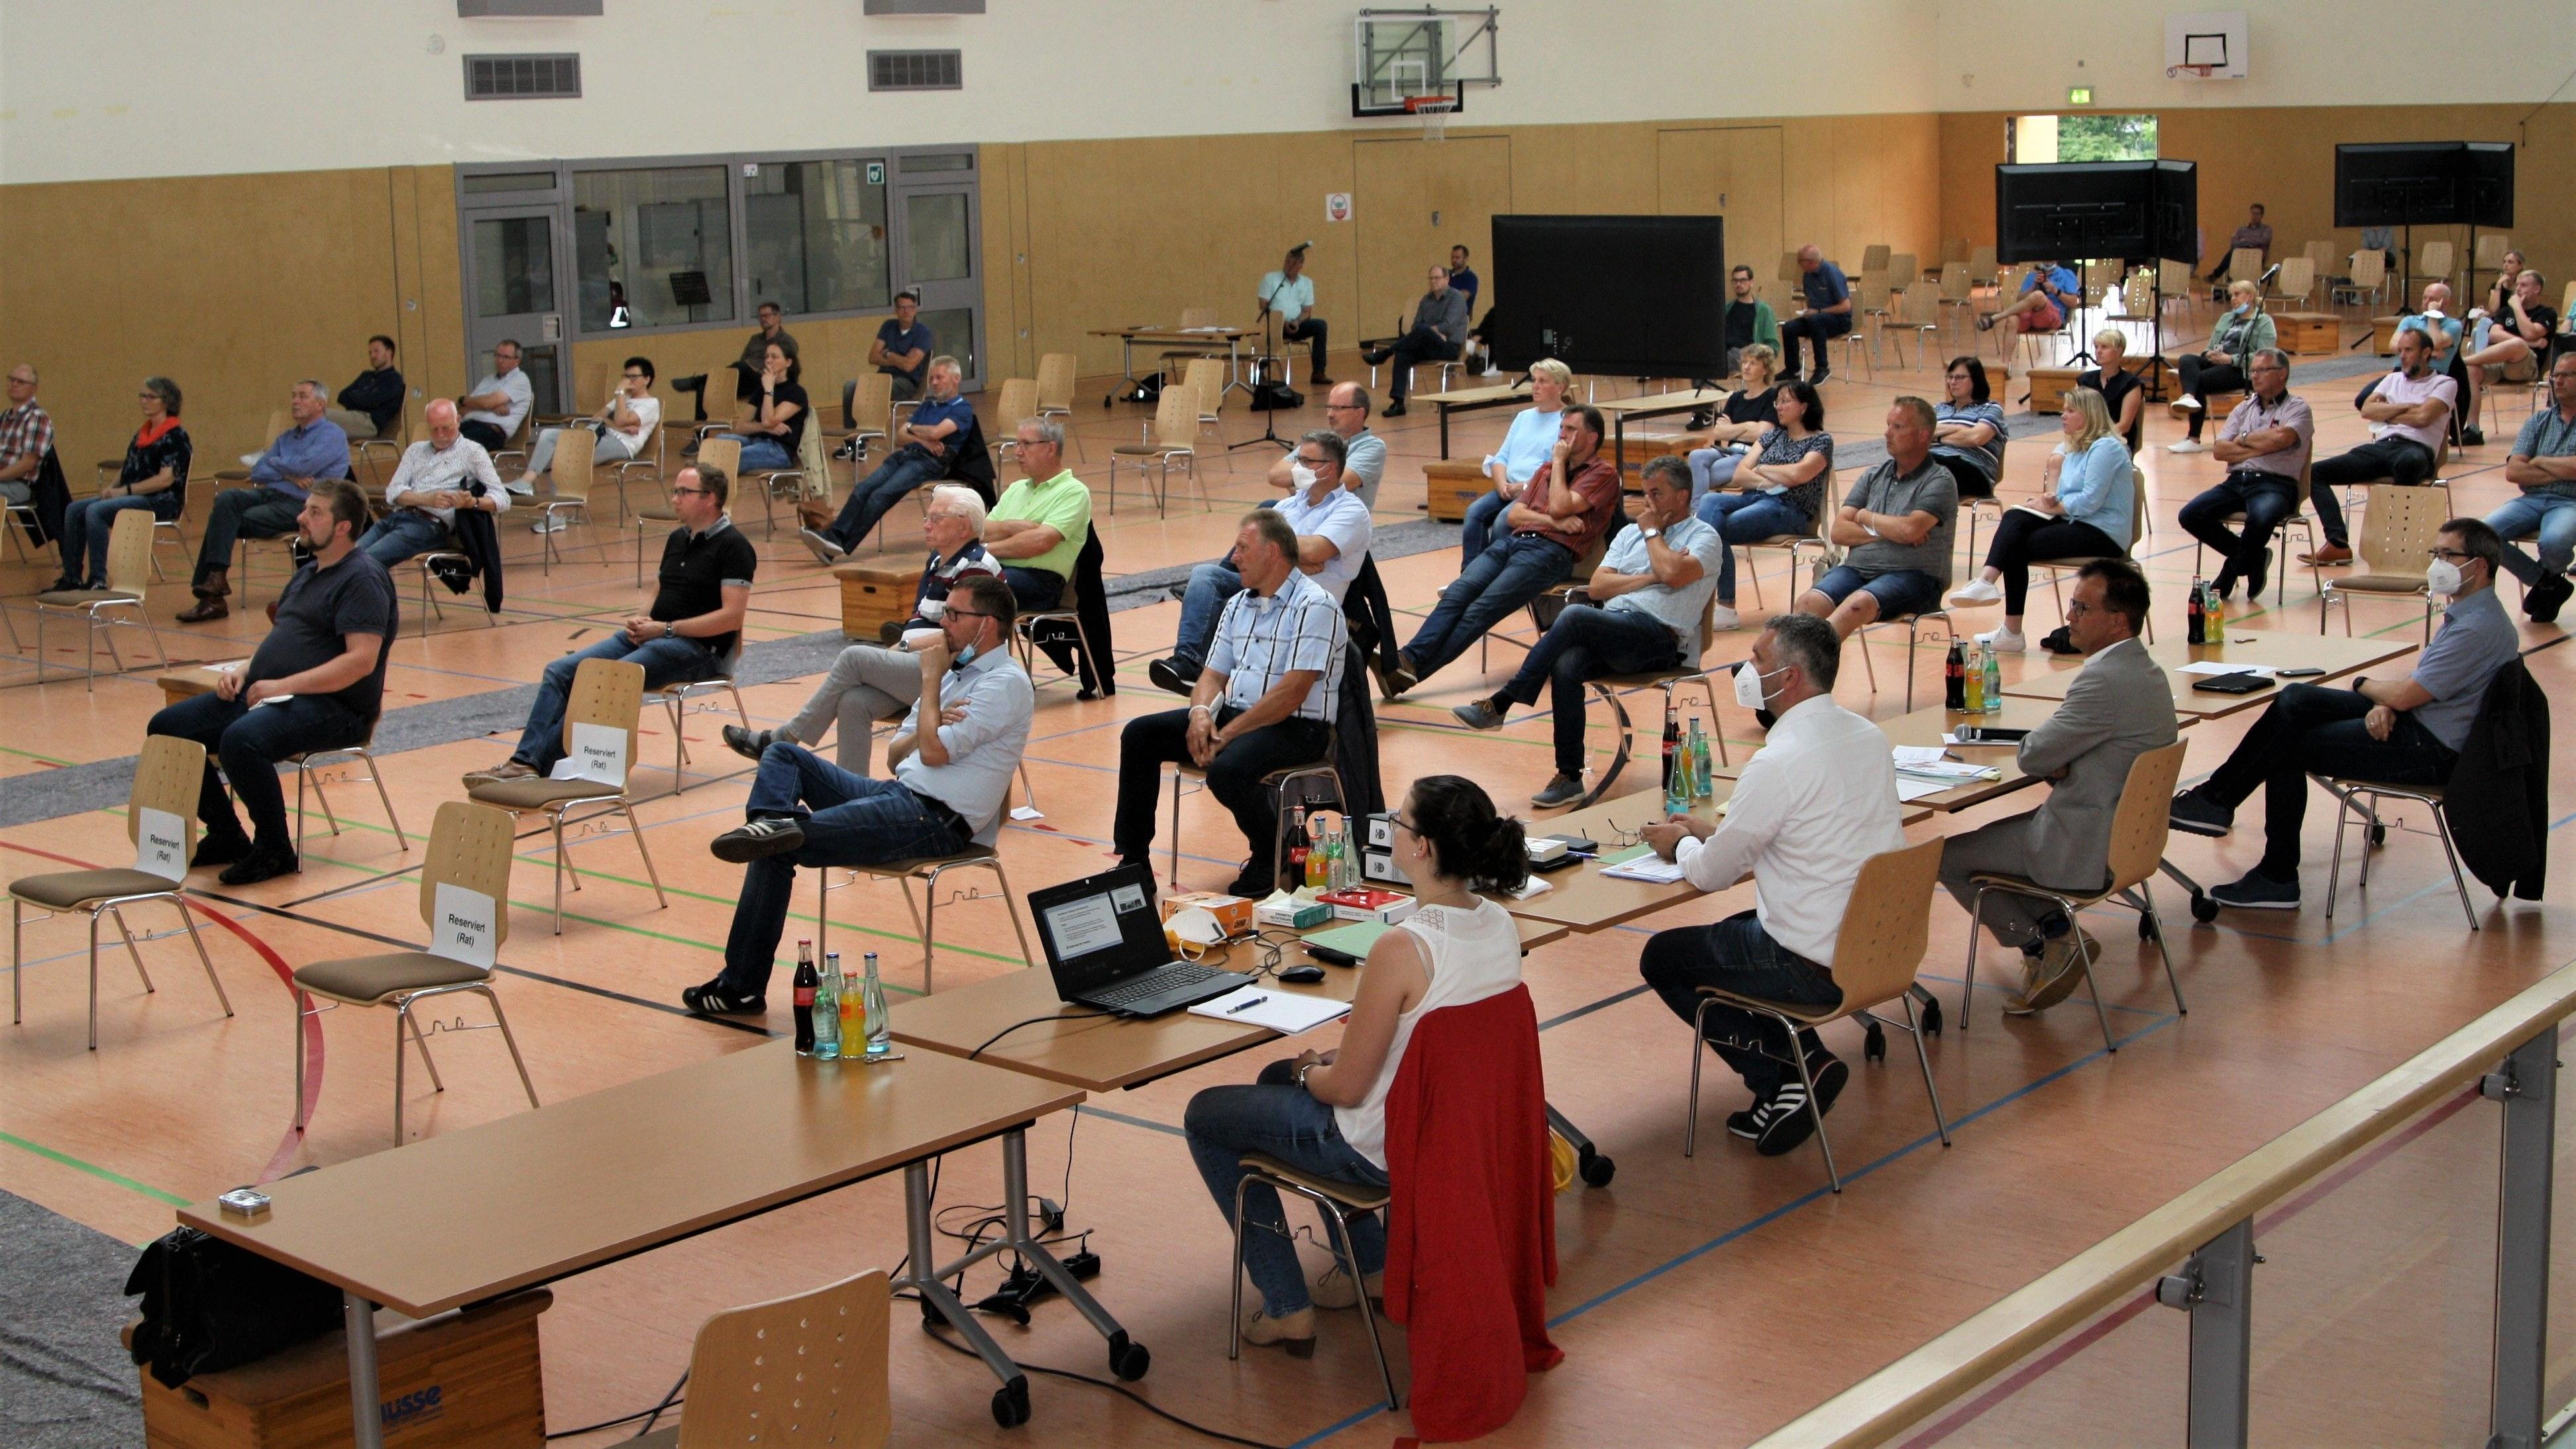 Heiß diskutiert: Etwa 80 Bürger verfolgten in der BiB-Arena die Ausführungen des Planers über die künftige Innenentwicklung der Gemeinde Bösel. Foto: Pille